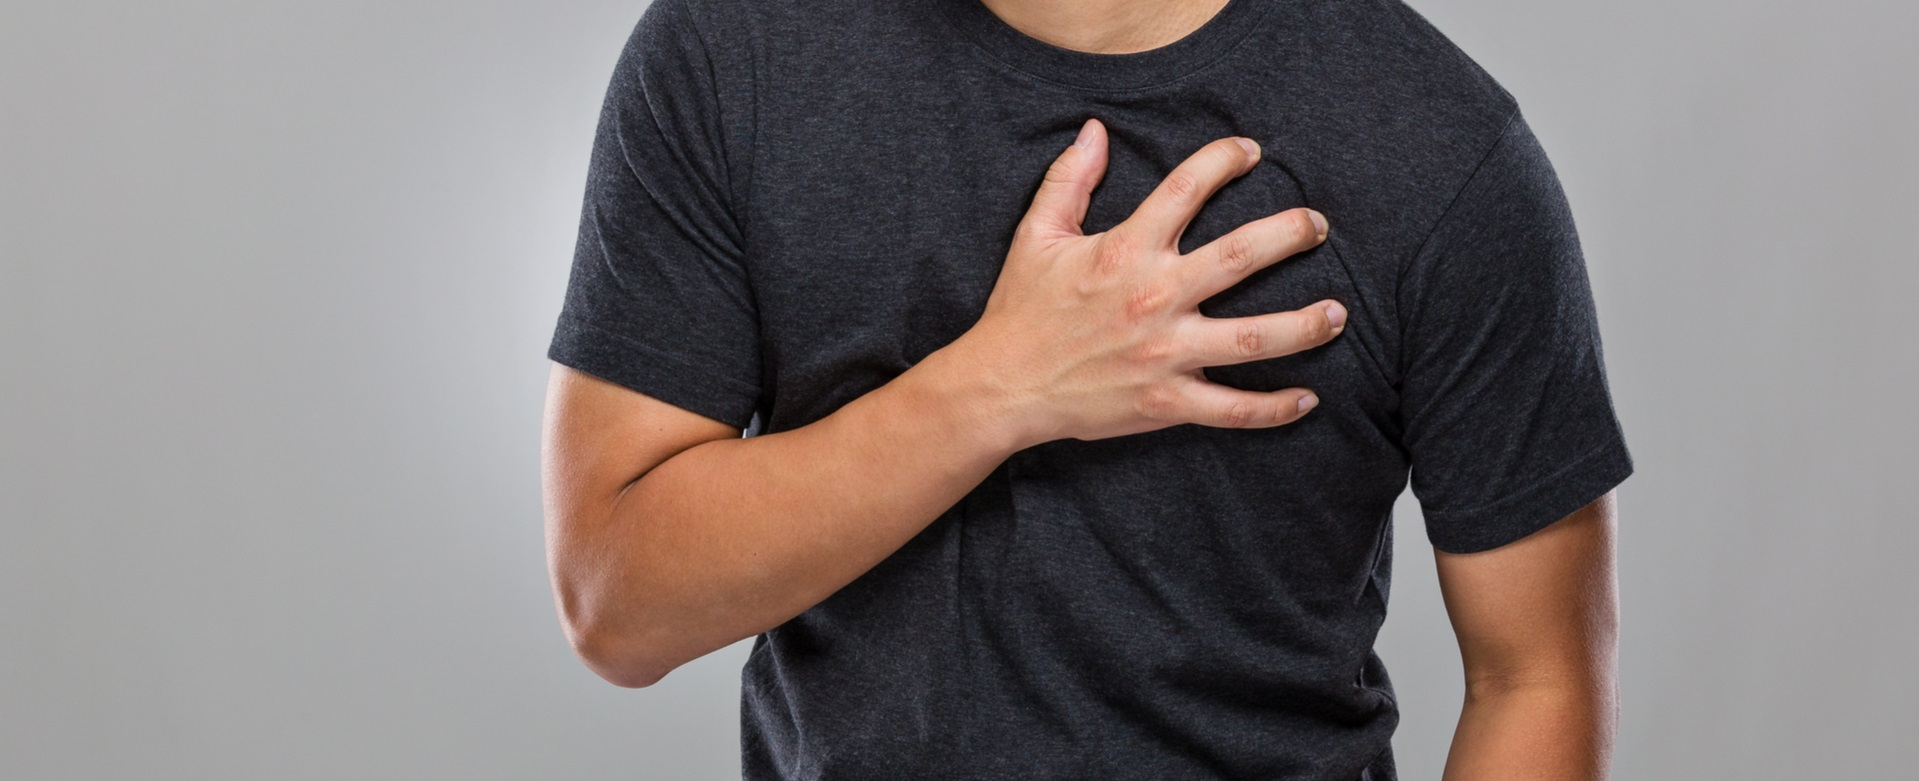 「我有心臟病,我還可以有性生活嗎?」名醫魏崢解惑